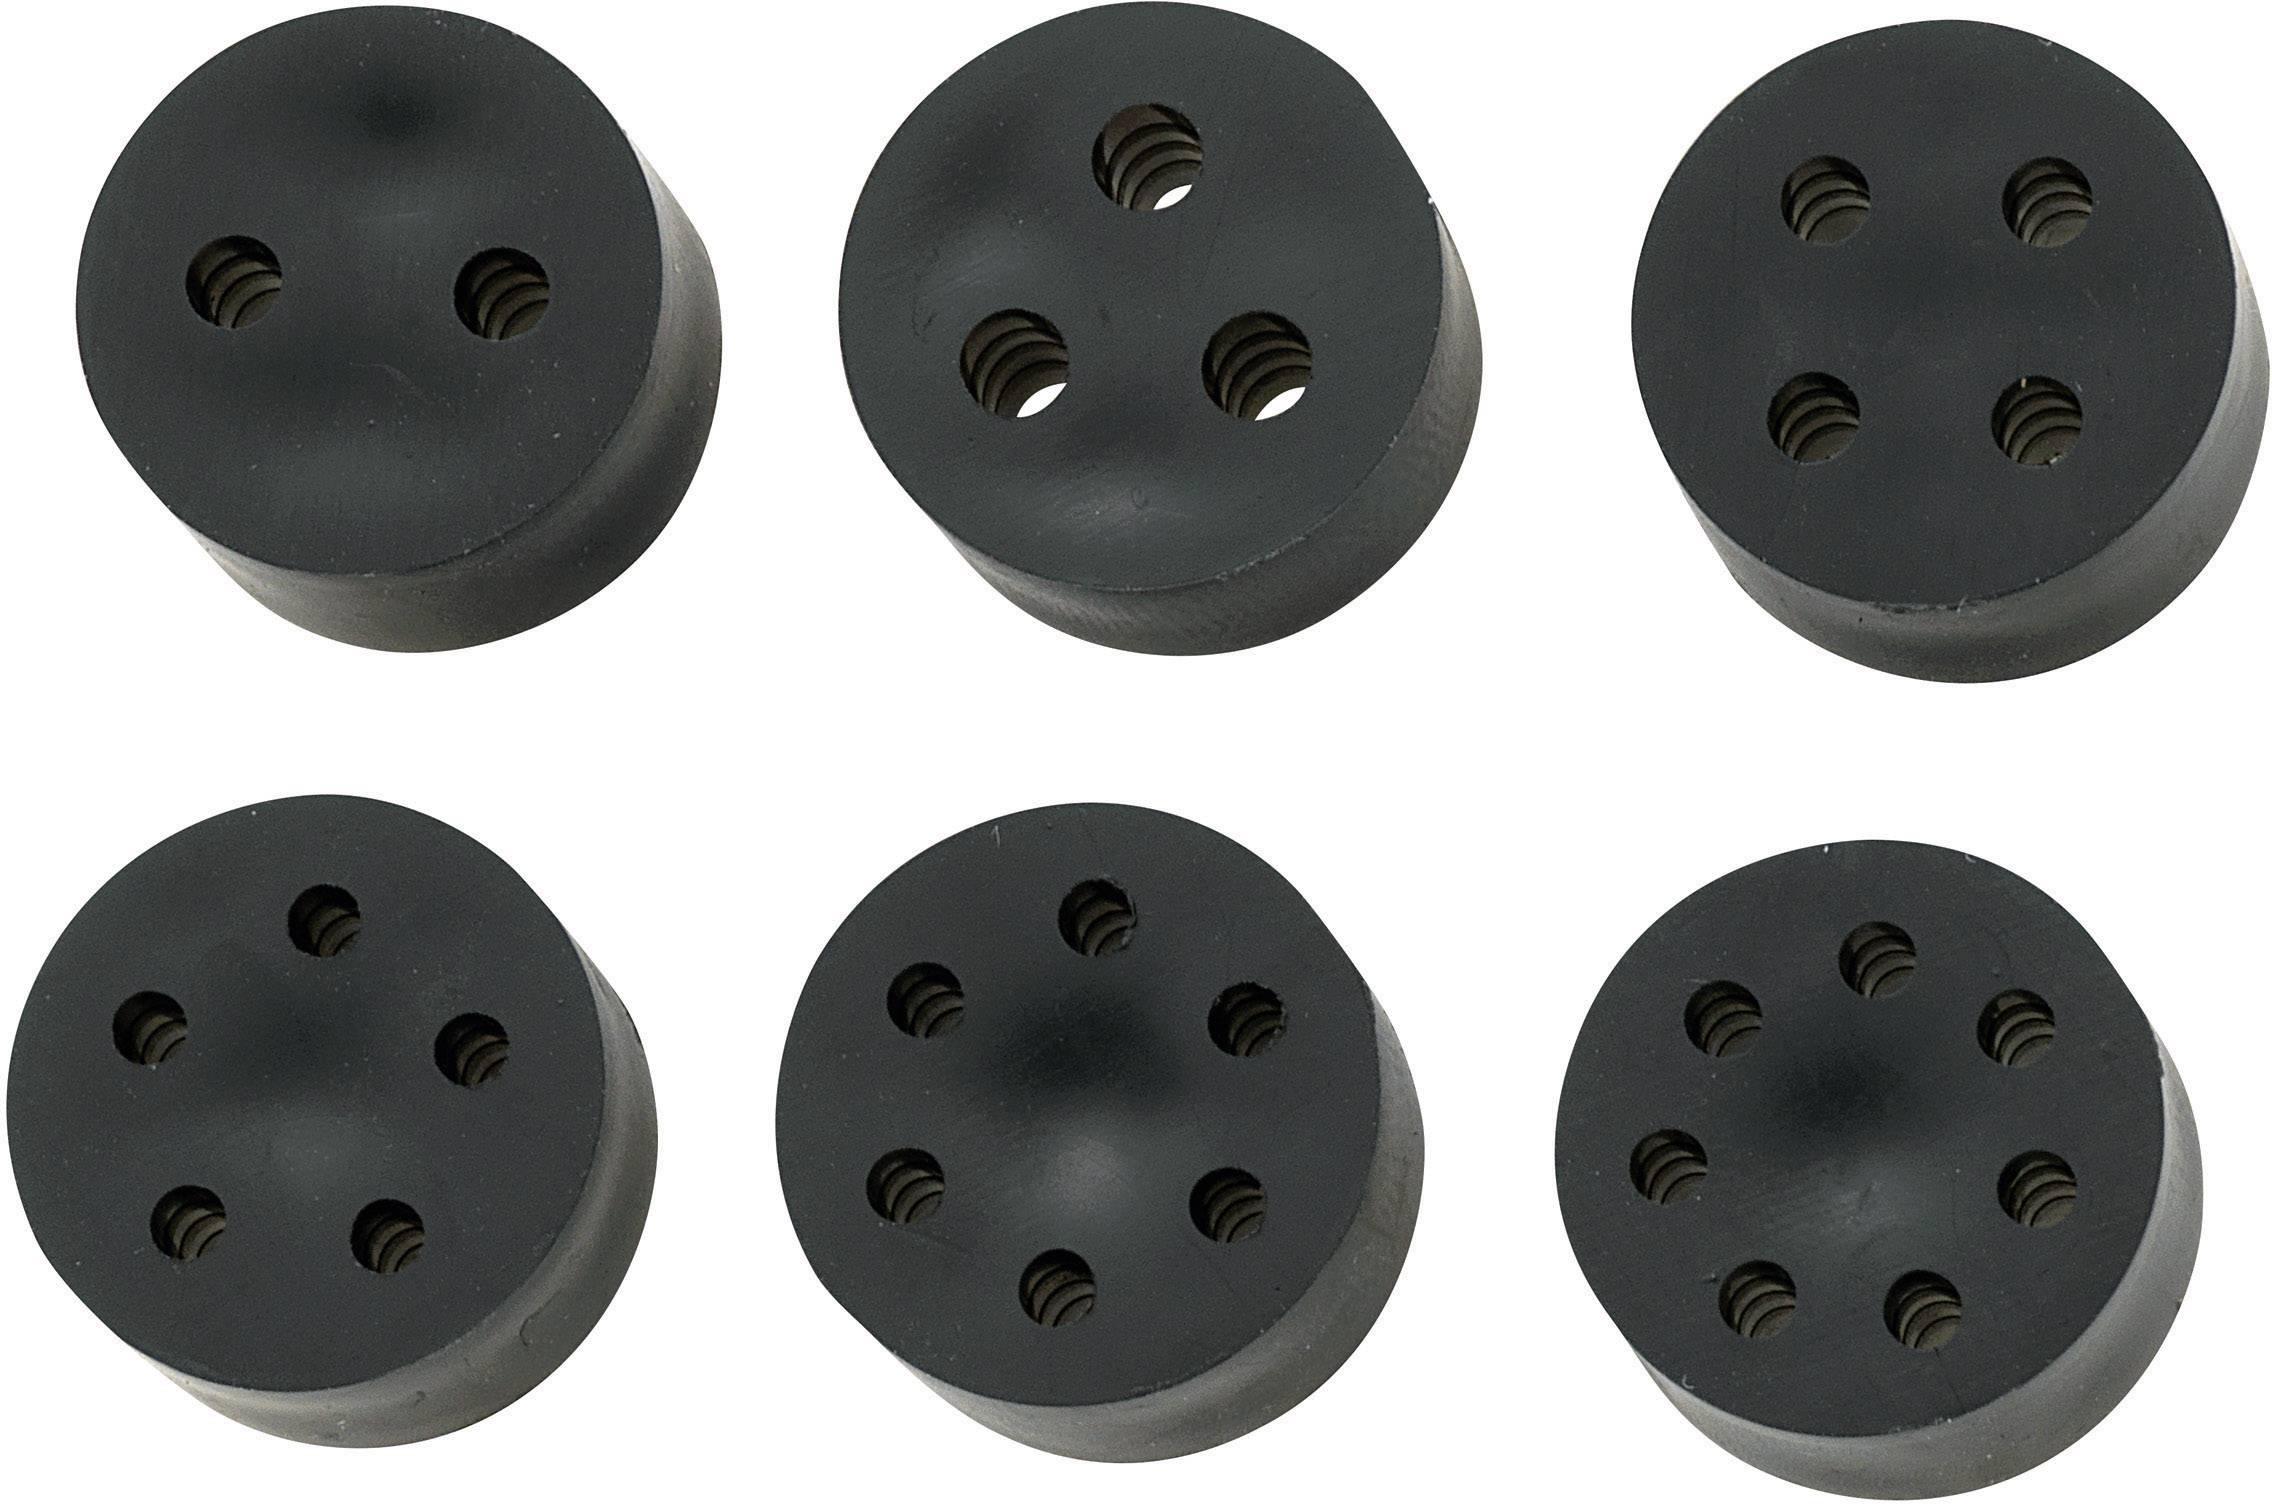 Tesniaca vložka s viacerými priechodmi KSS MH23-6B, M25, guma, 1 ks